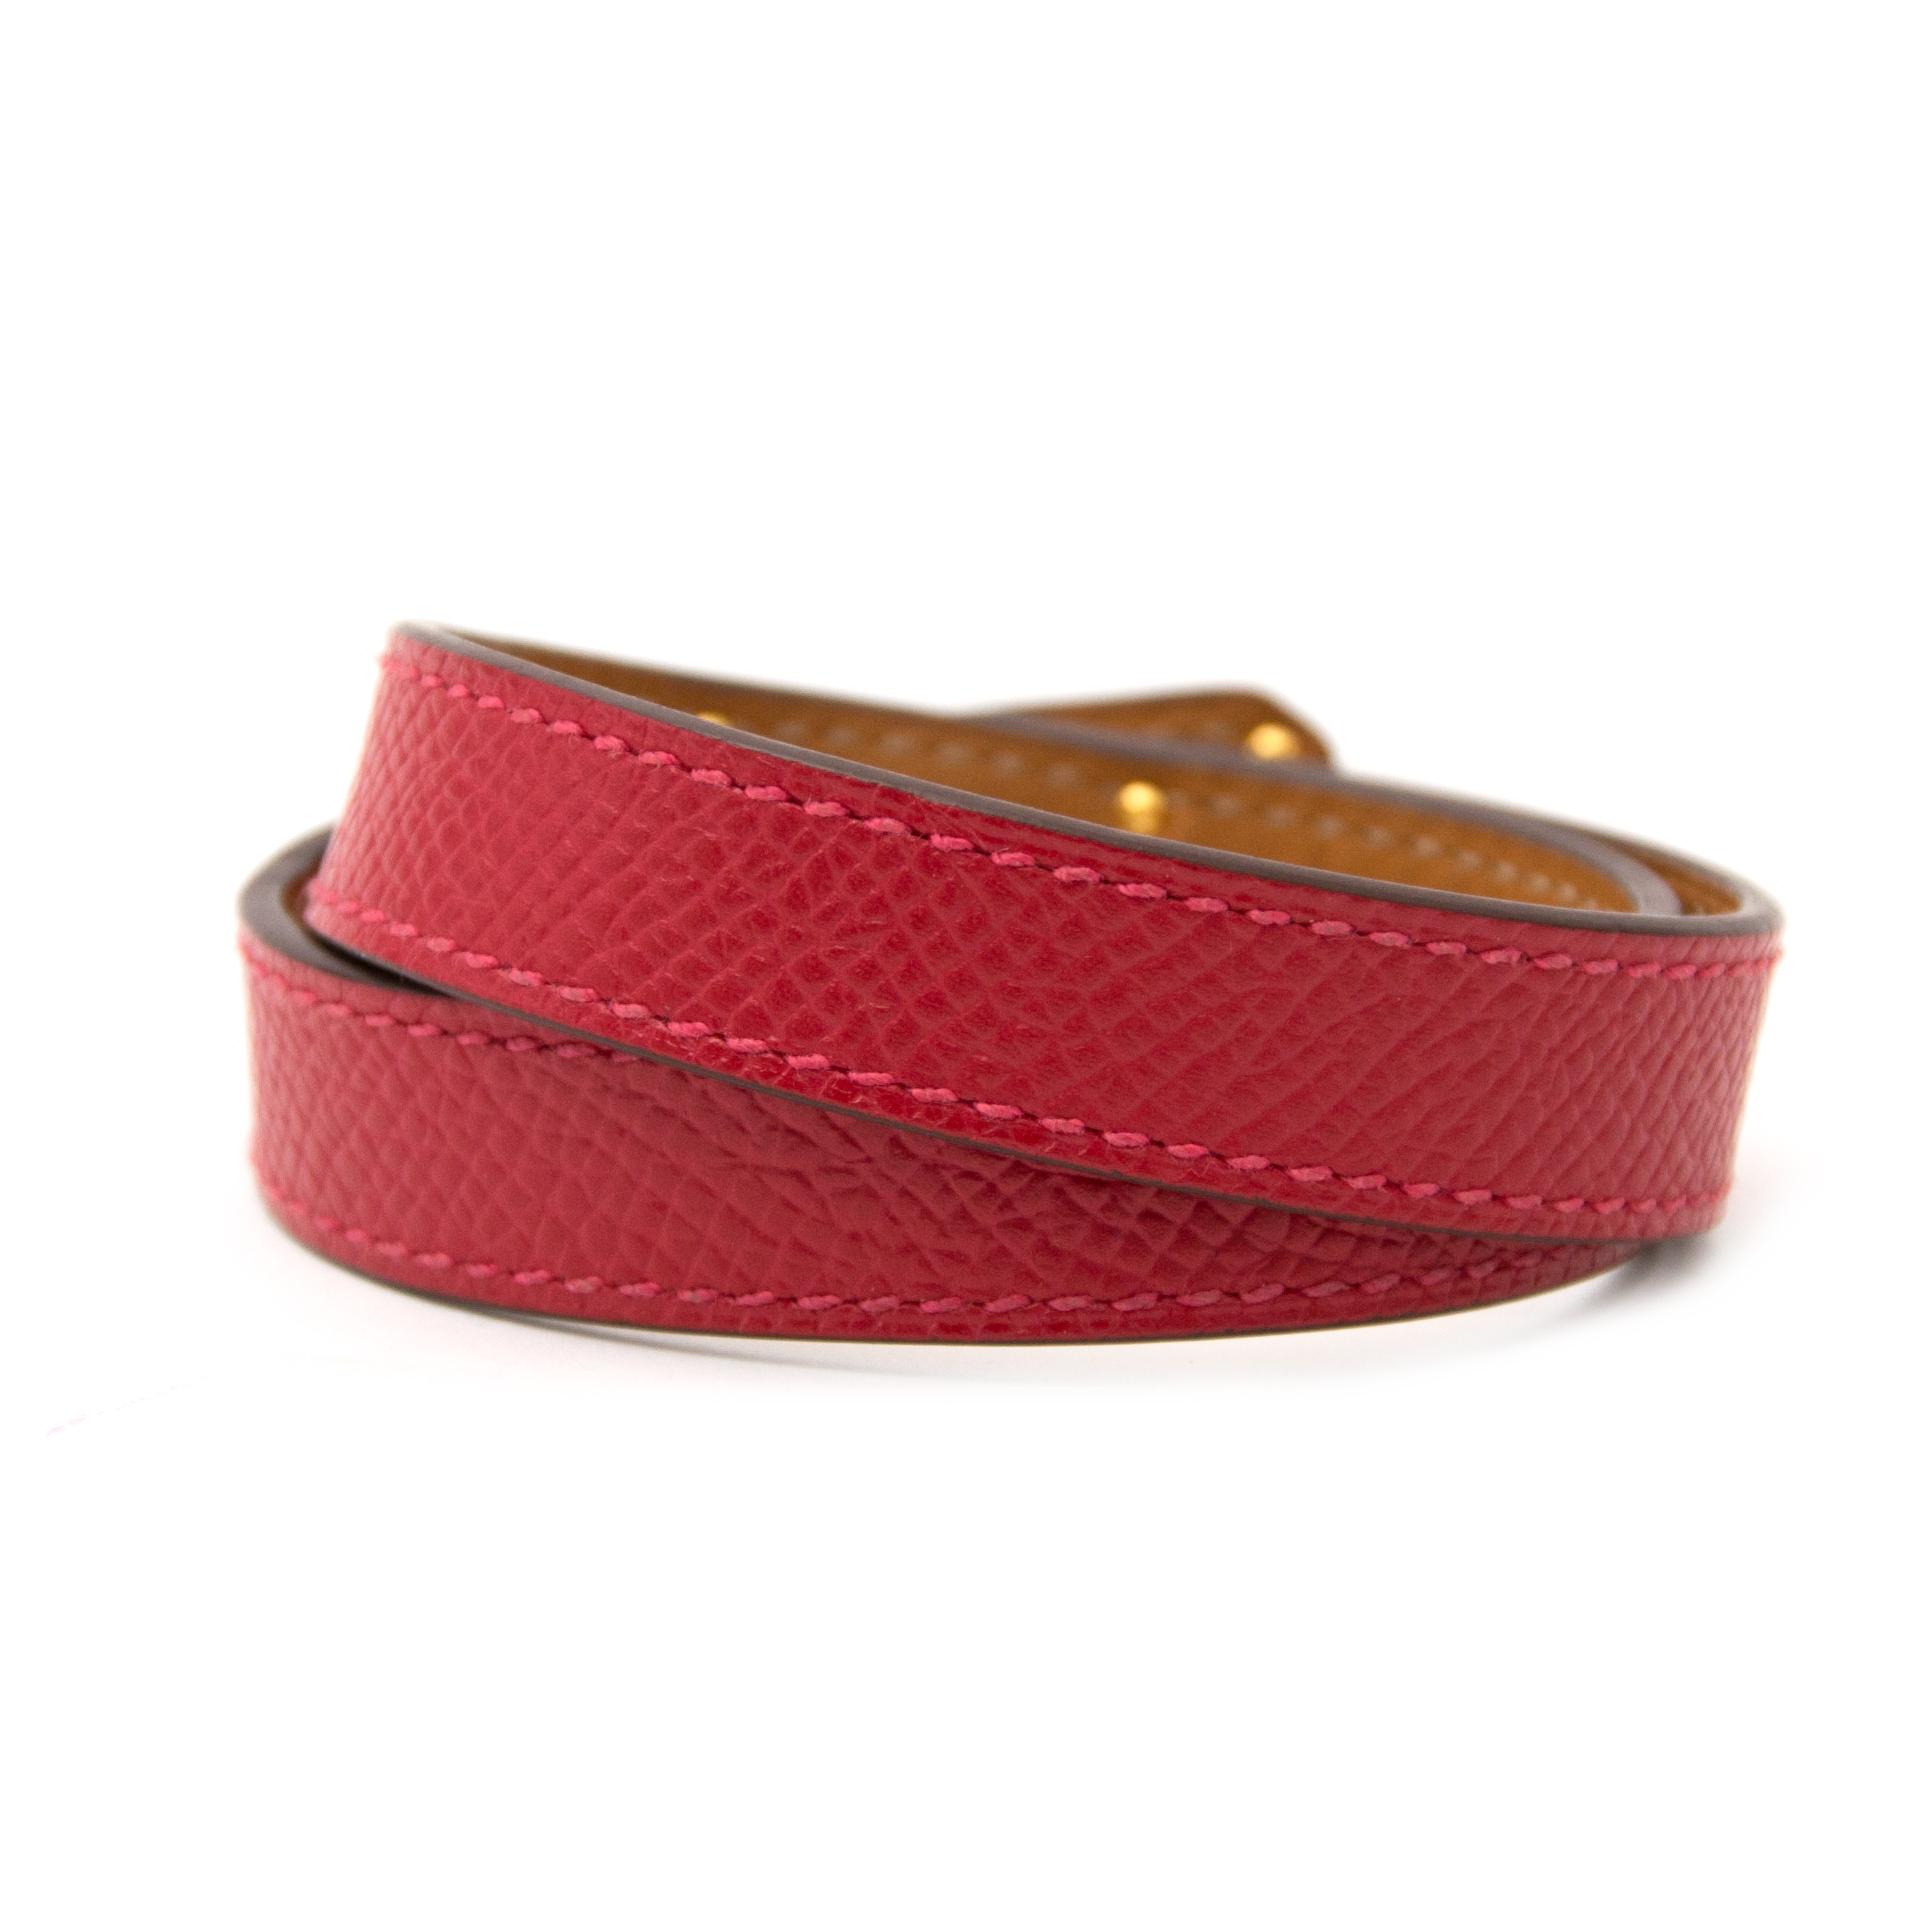 Bent u opzoek naar een Hermès Kelly Double Tour Bracelet?